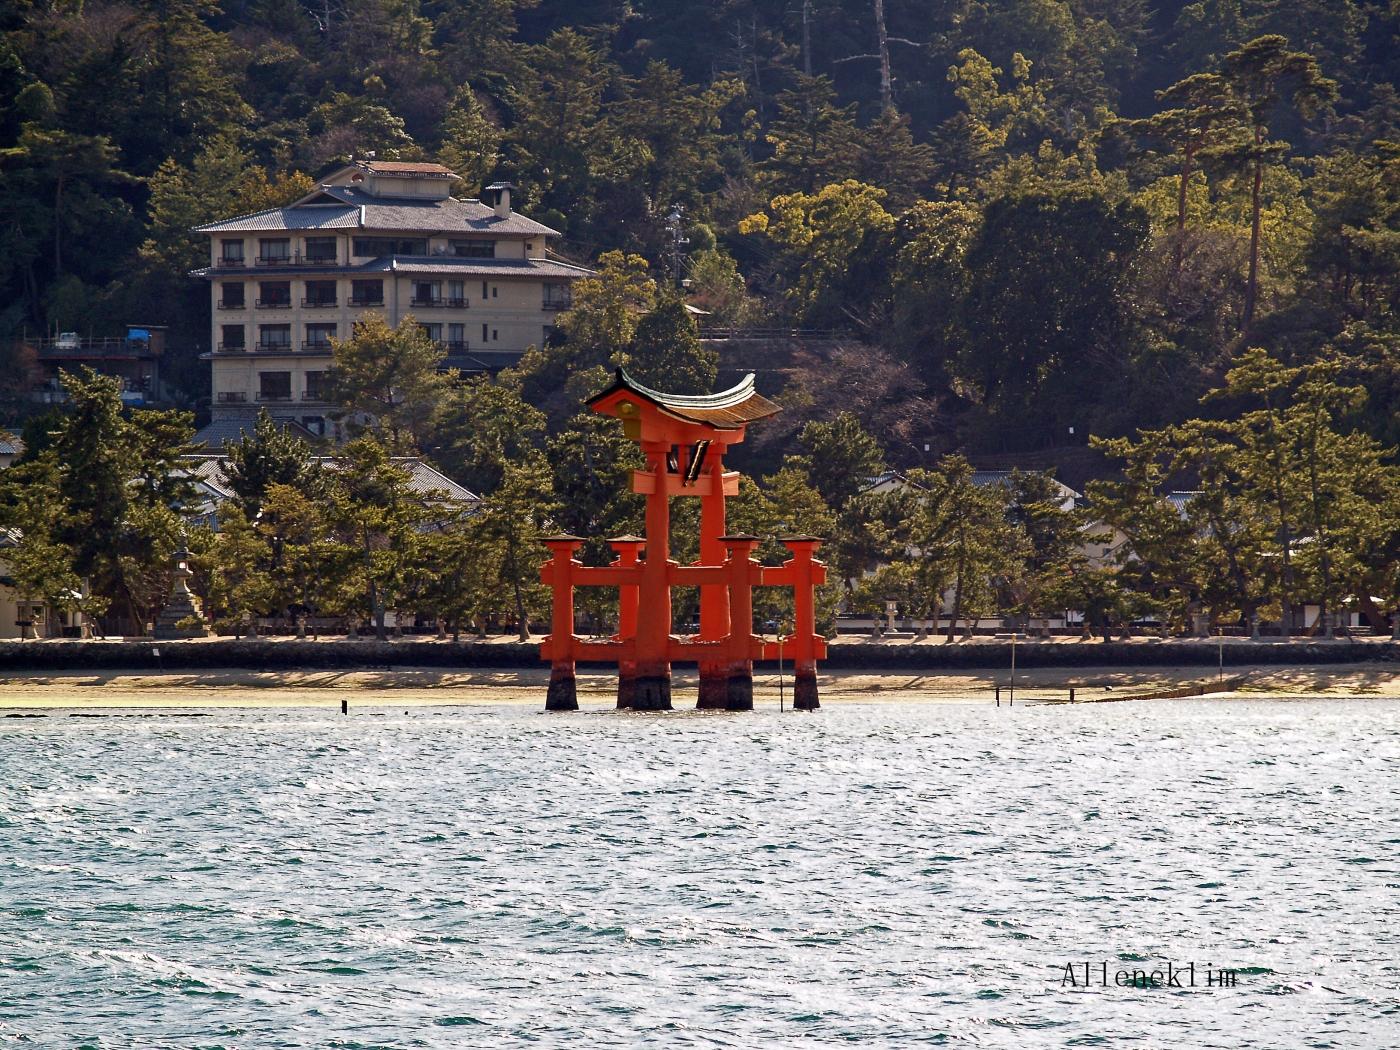 Alleneklim - 日本之宫島_图1-5